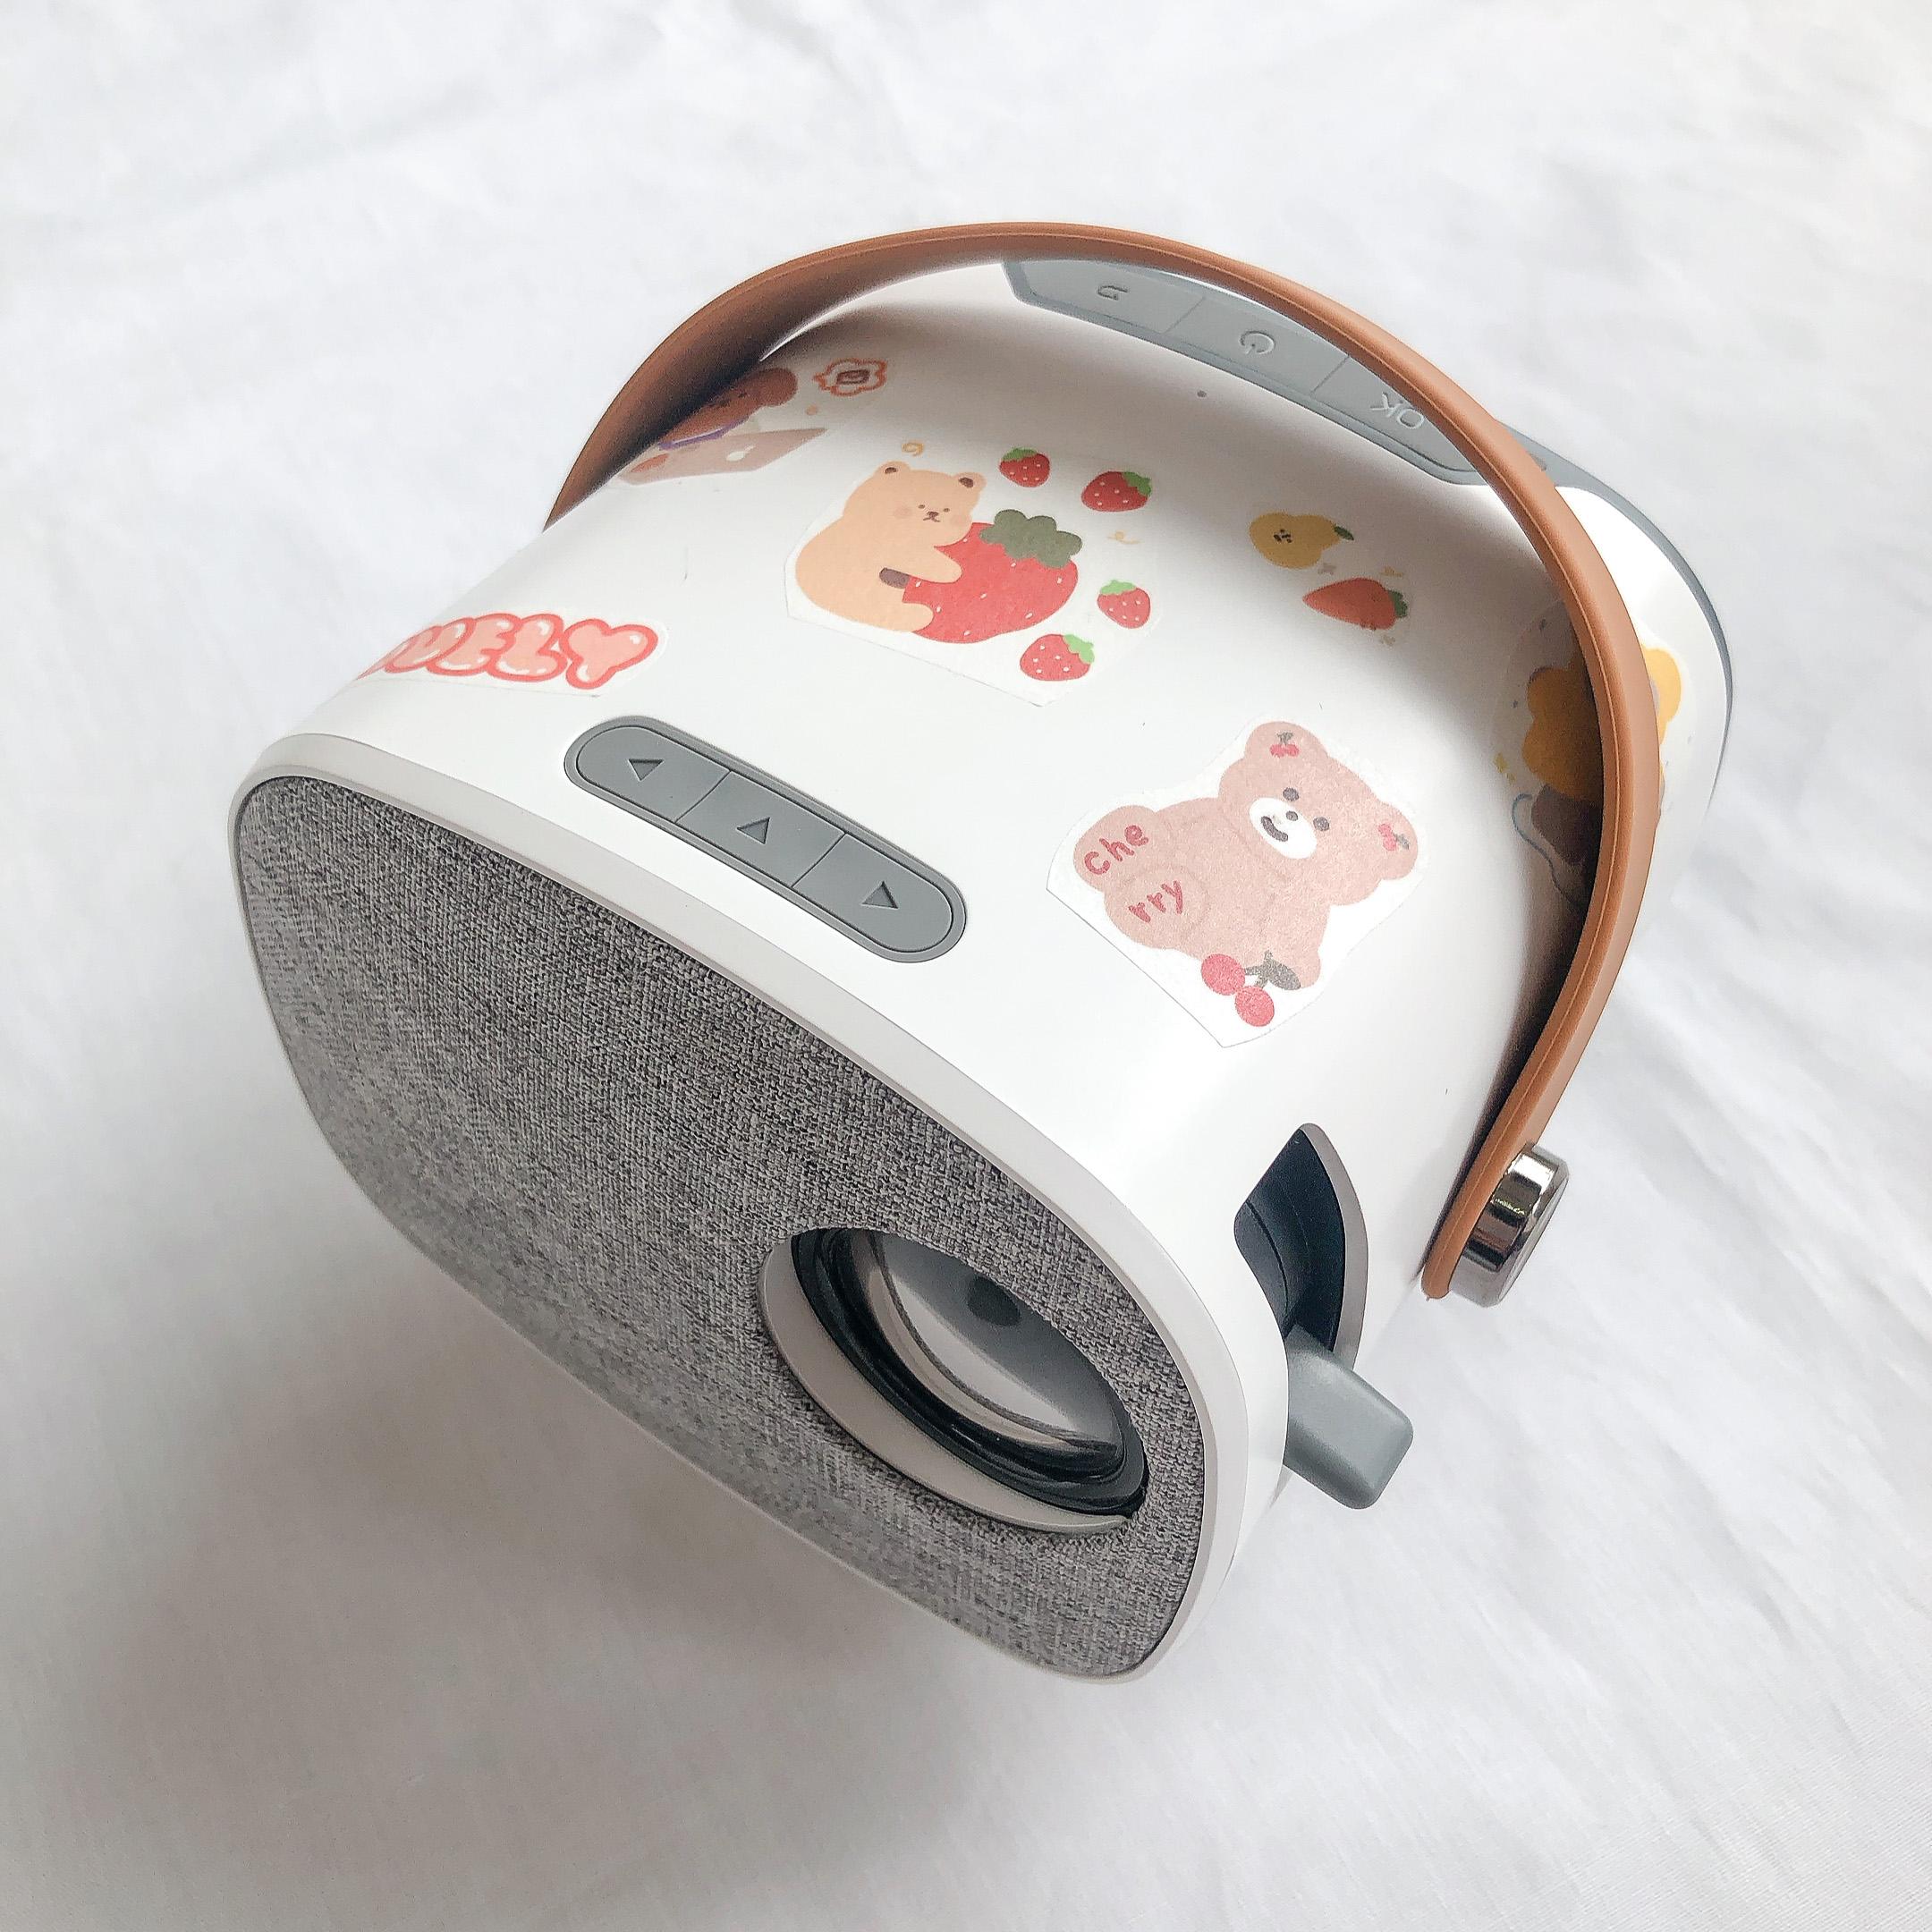 Máy Chiếu Mini Moonie LED Projector - Hàng chính hãng